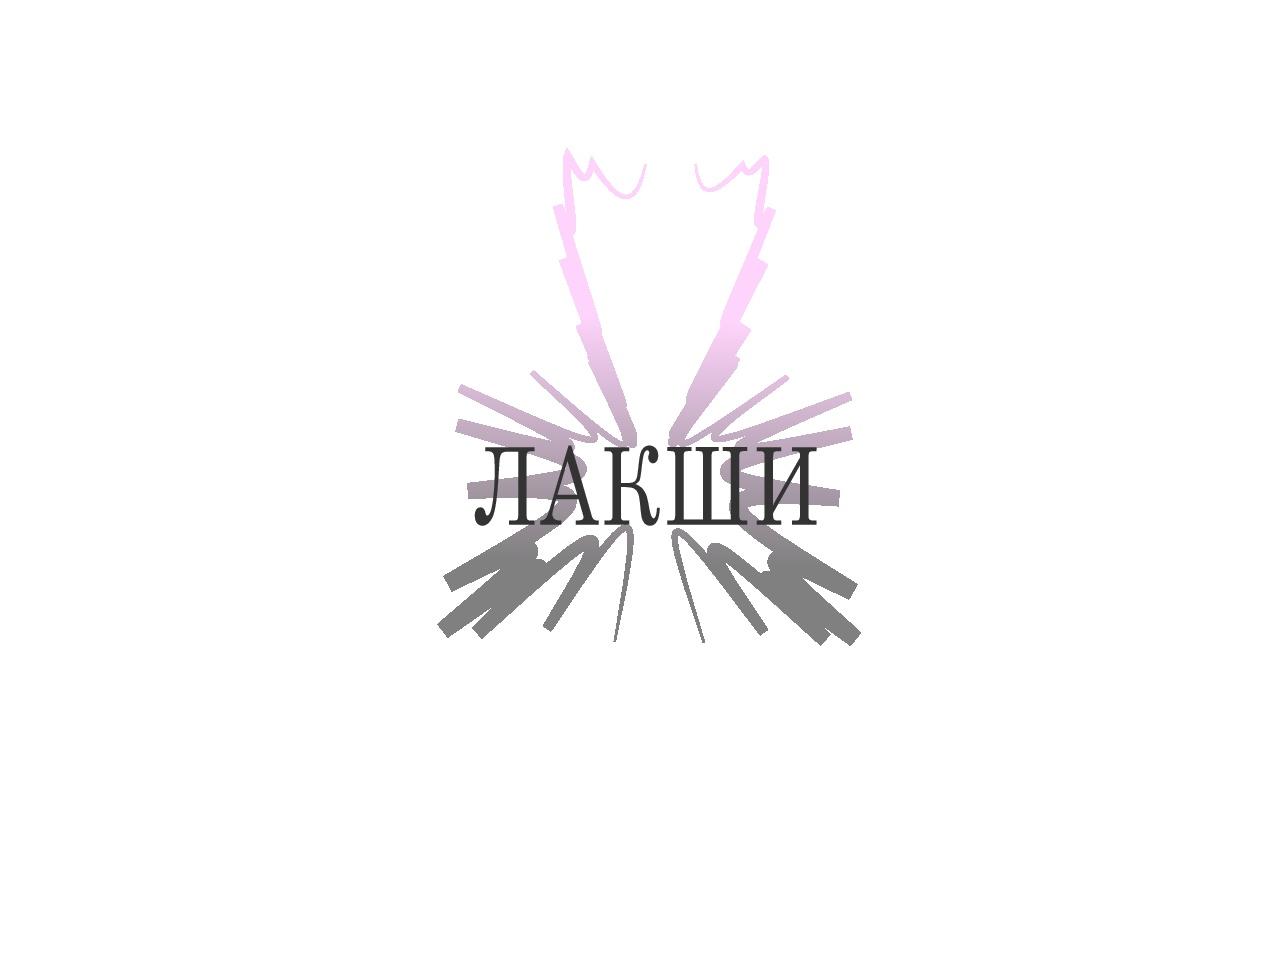 Разработка логотипа фирменного стиля фото f_5635c58281c43b3f.jpg